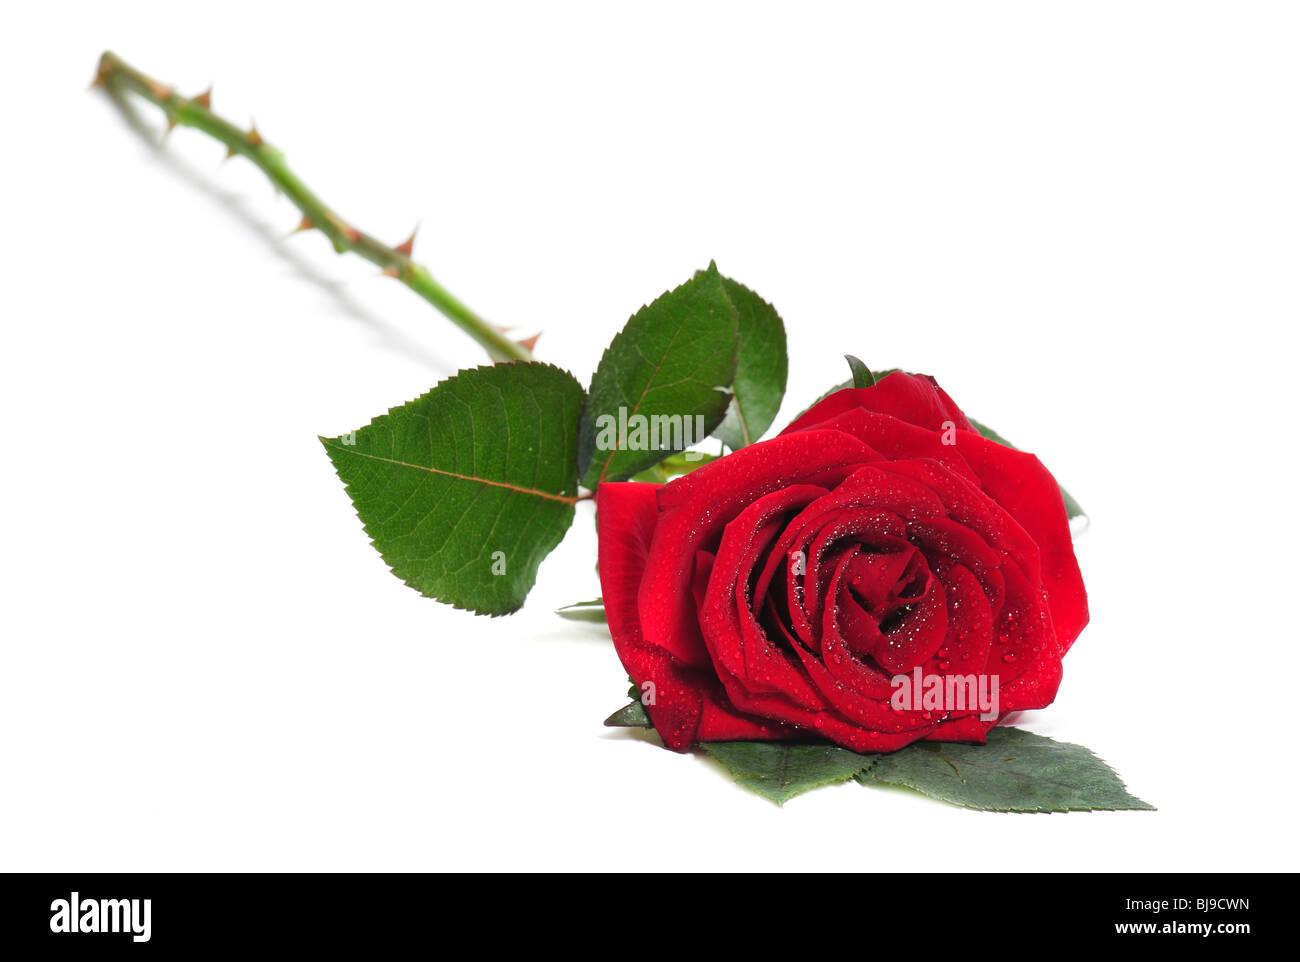 Rose se situe sur un fond blanc Photo Stock